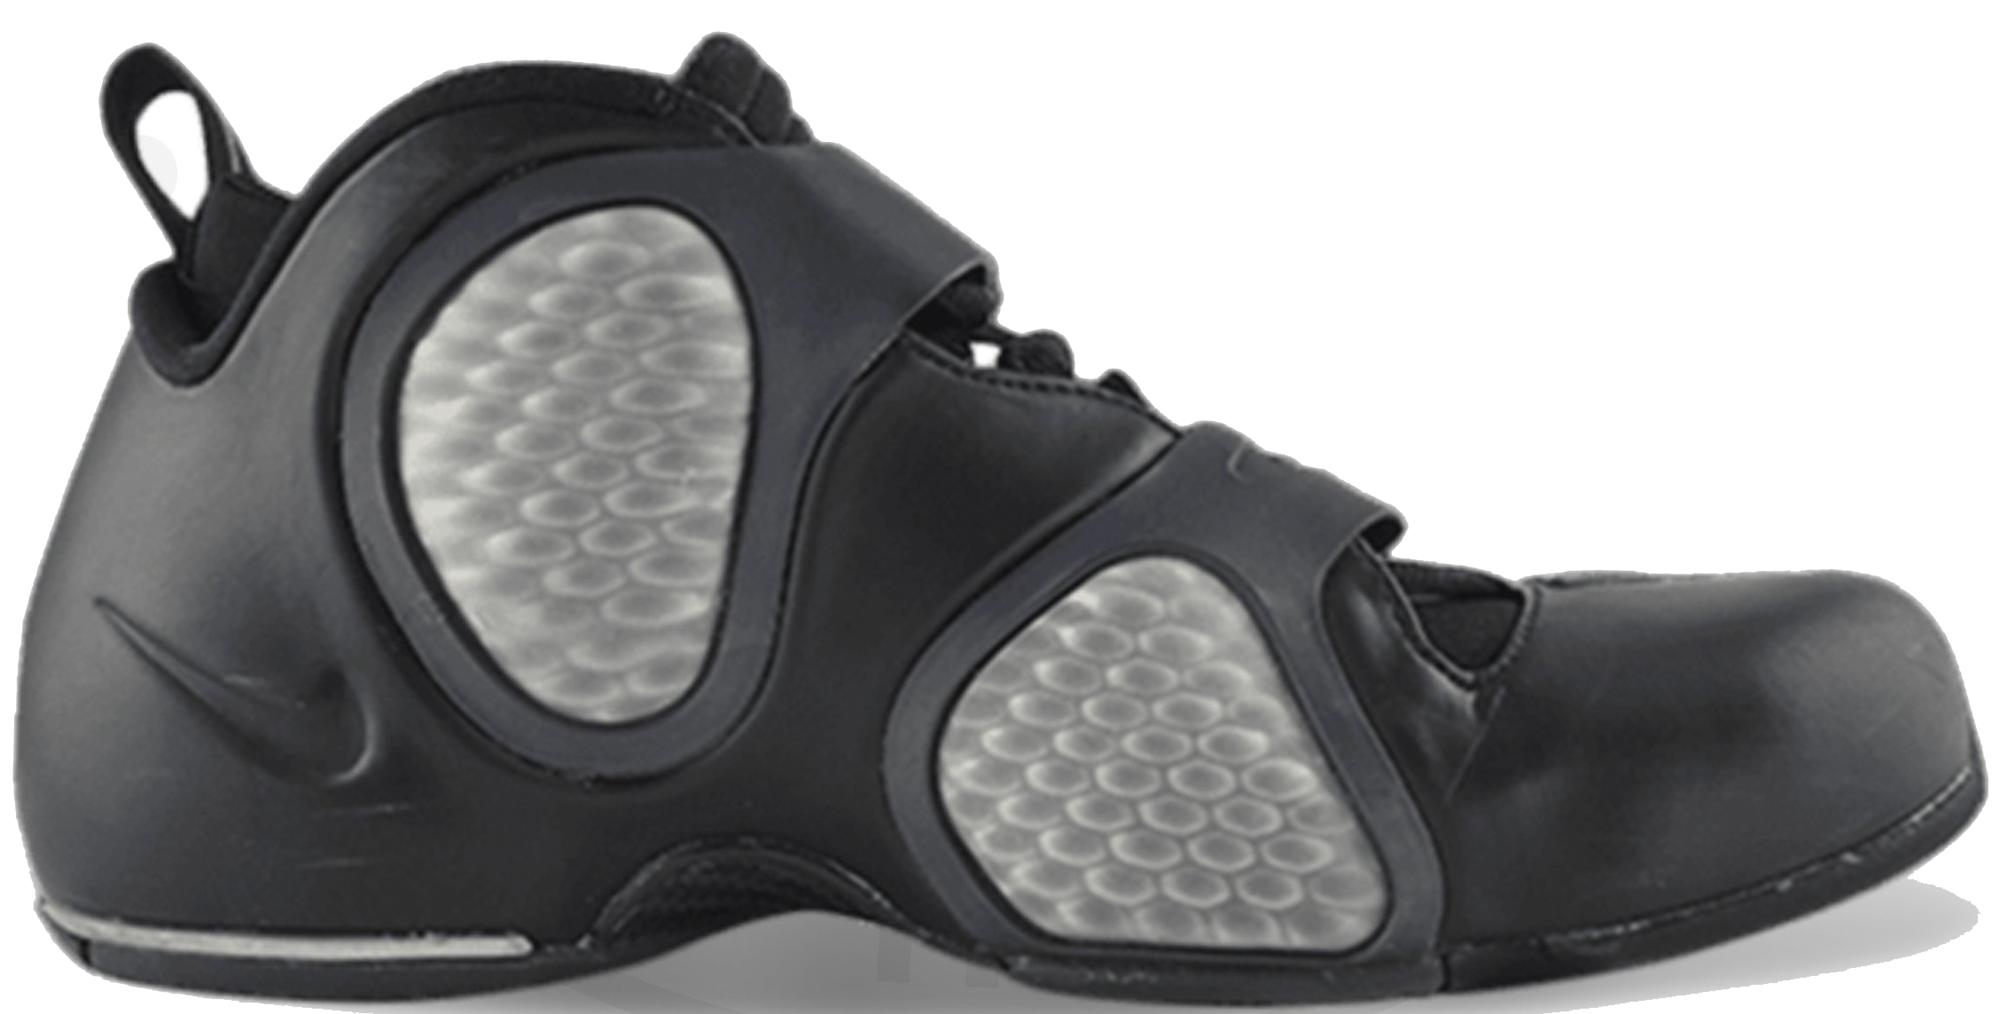 Nike Air Flightposite 3 Black - 830247-002